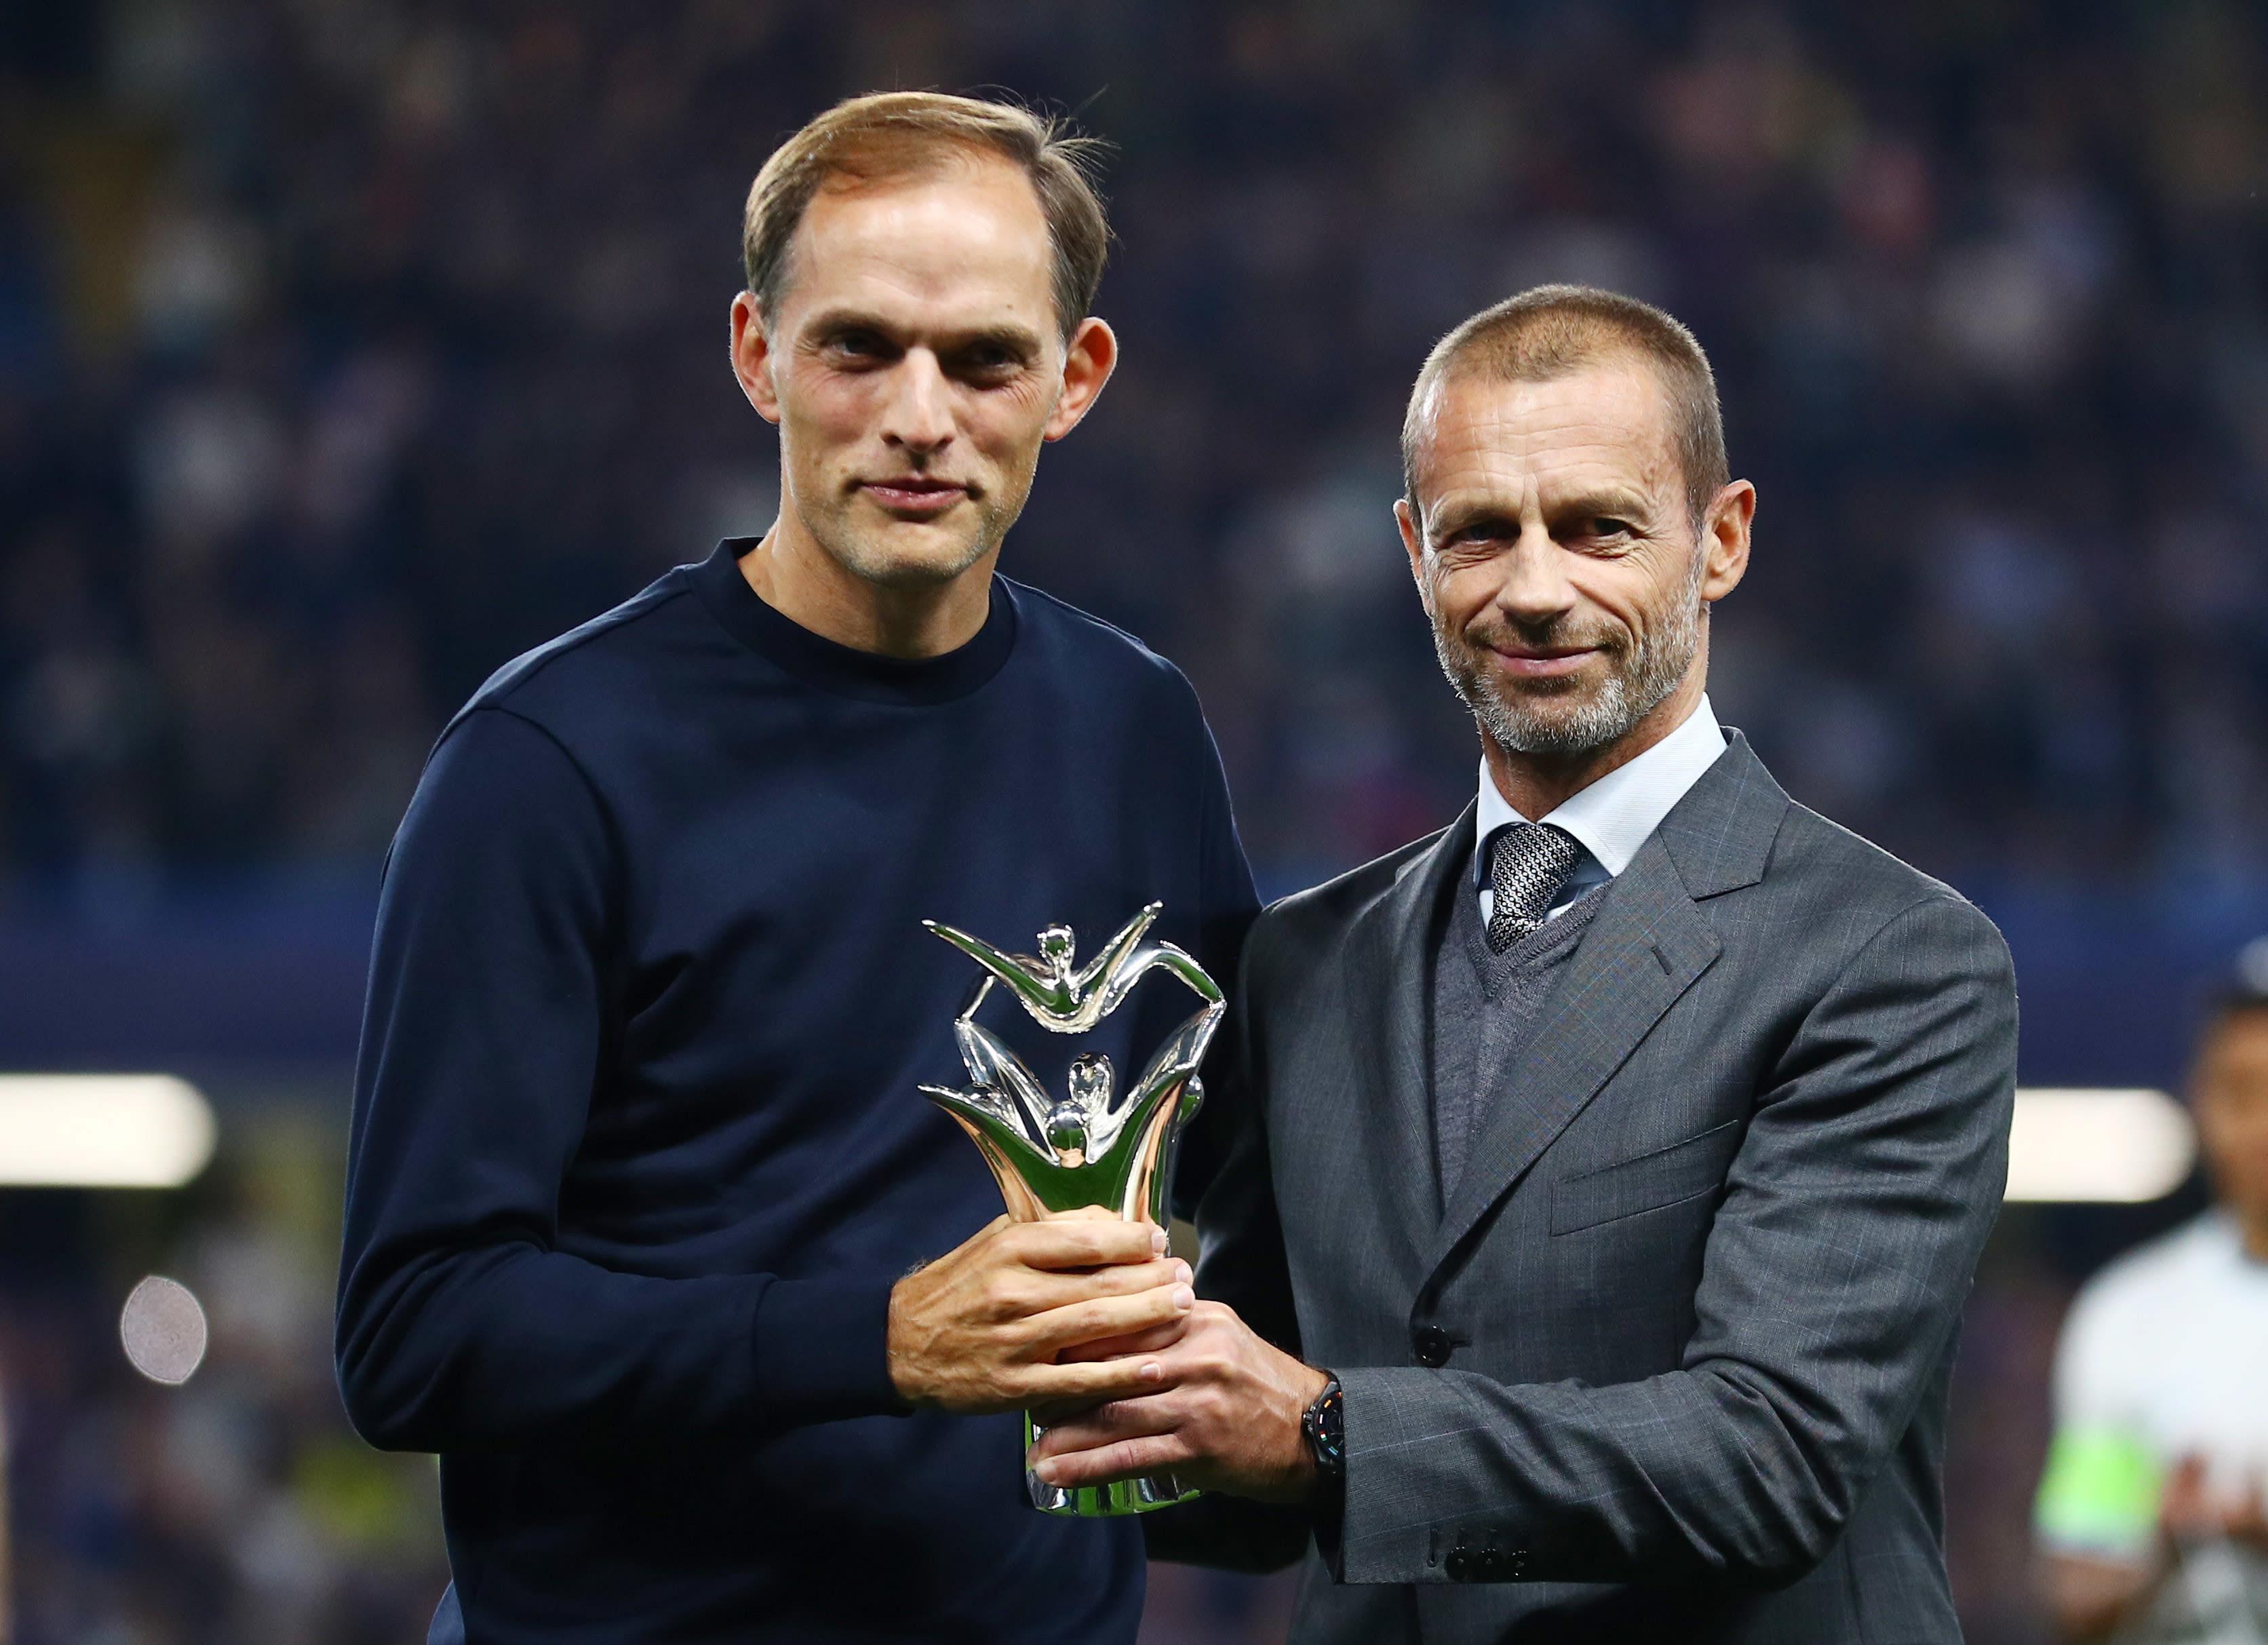 תומאס טוכל מאמן צ'לסי מקבל את פרס מאמן השנה מידי אלכסנדר צ'פרין נשיא אופ